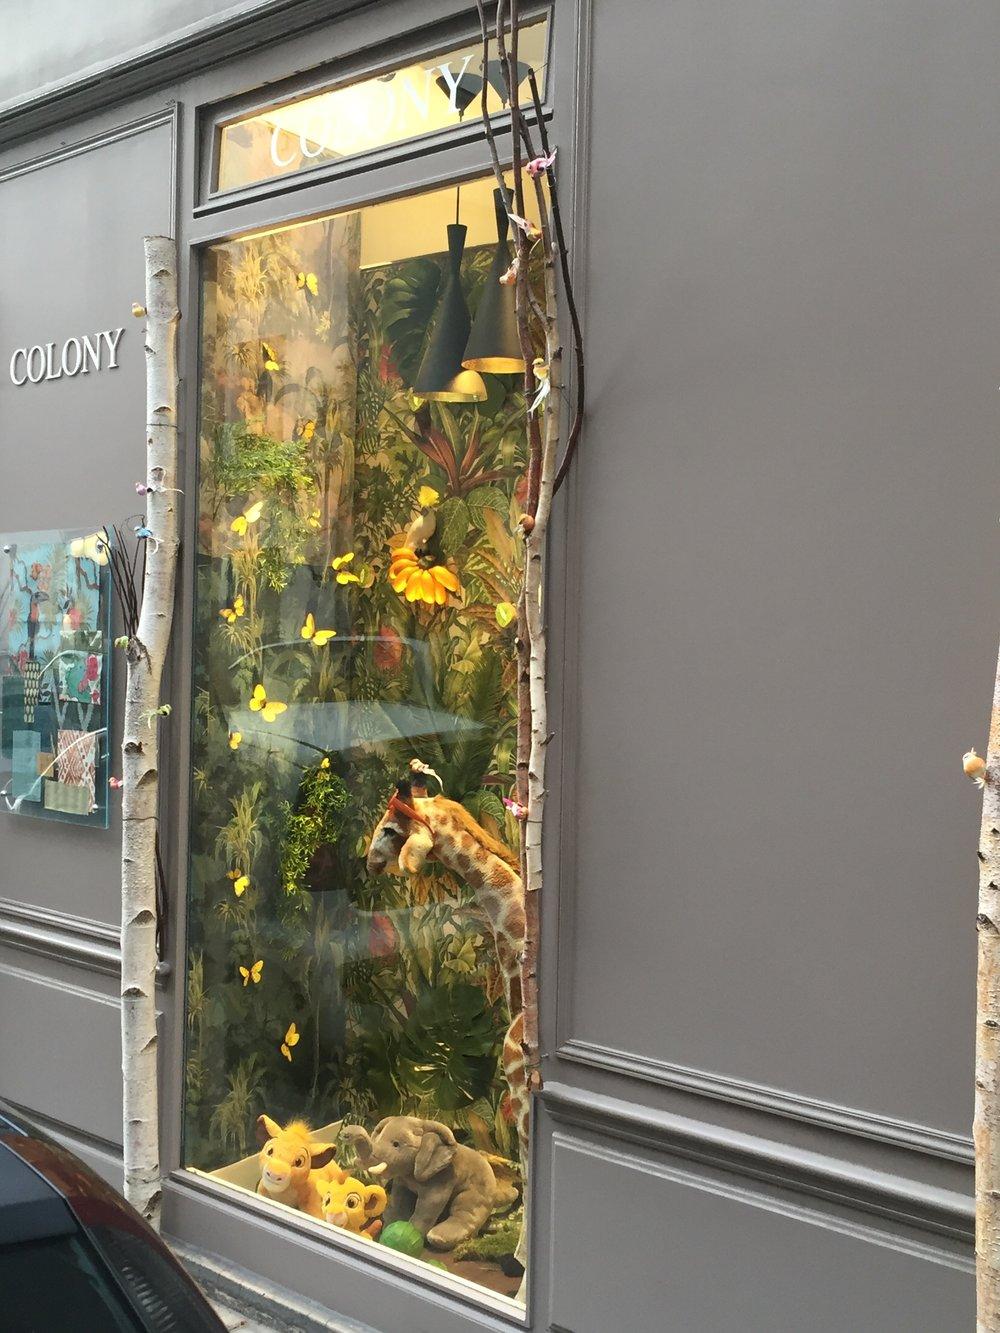 Les Off de l'art et du design végétal 2016 Showroom Cleo C Paris VI France